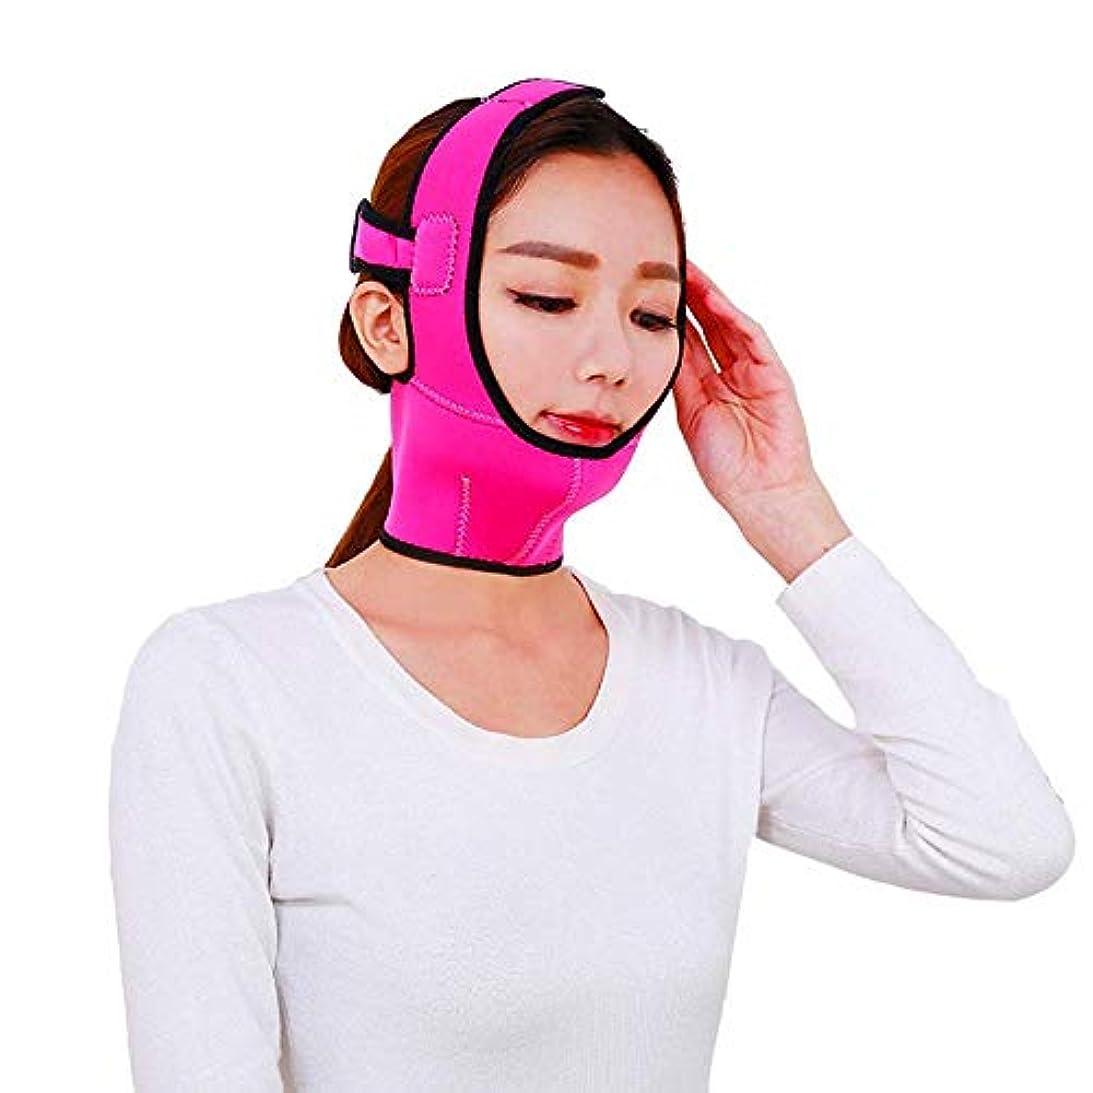 よろしく鑑定効率二重あごの顔の持ち上がるマスクVfaceの顔の小さい顔の持ち上がる用具をきつく締める通気性の顔の持ち上がる包帯